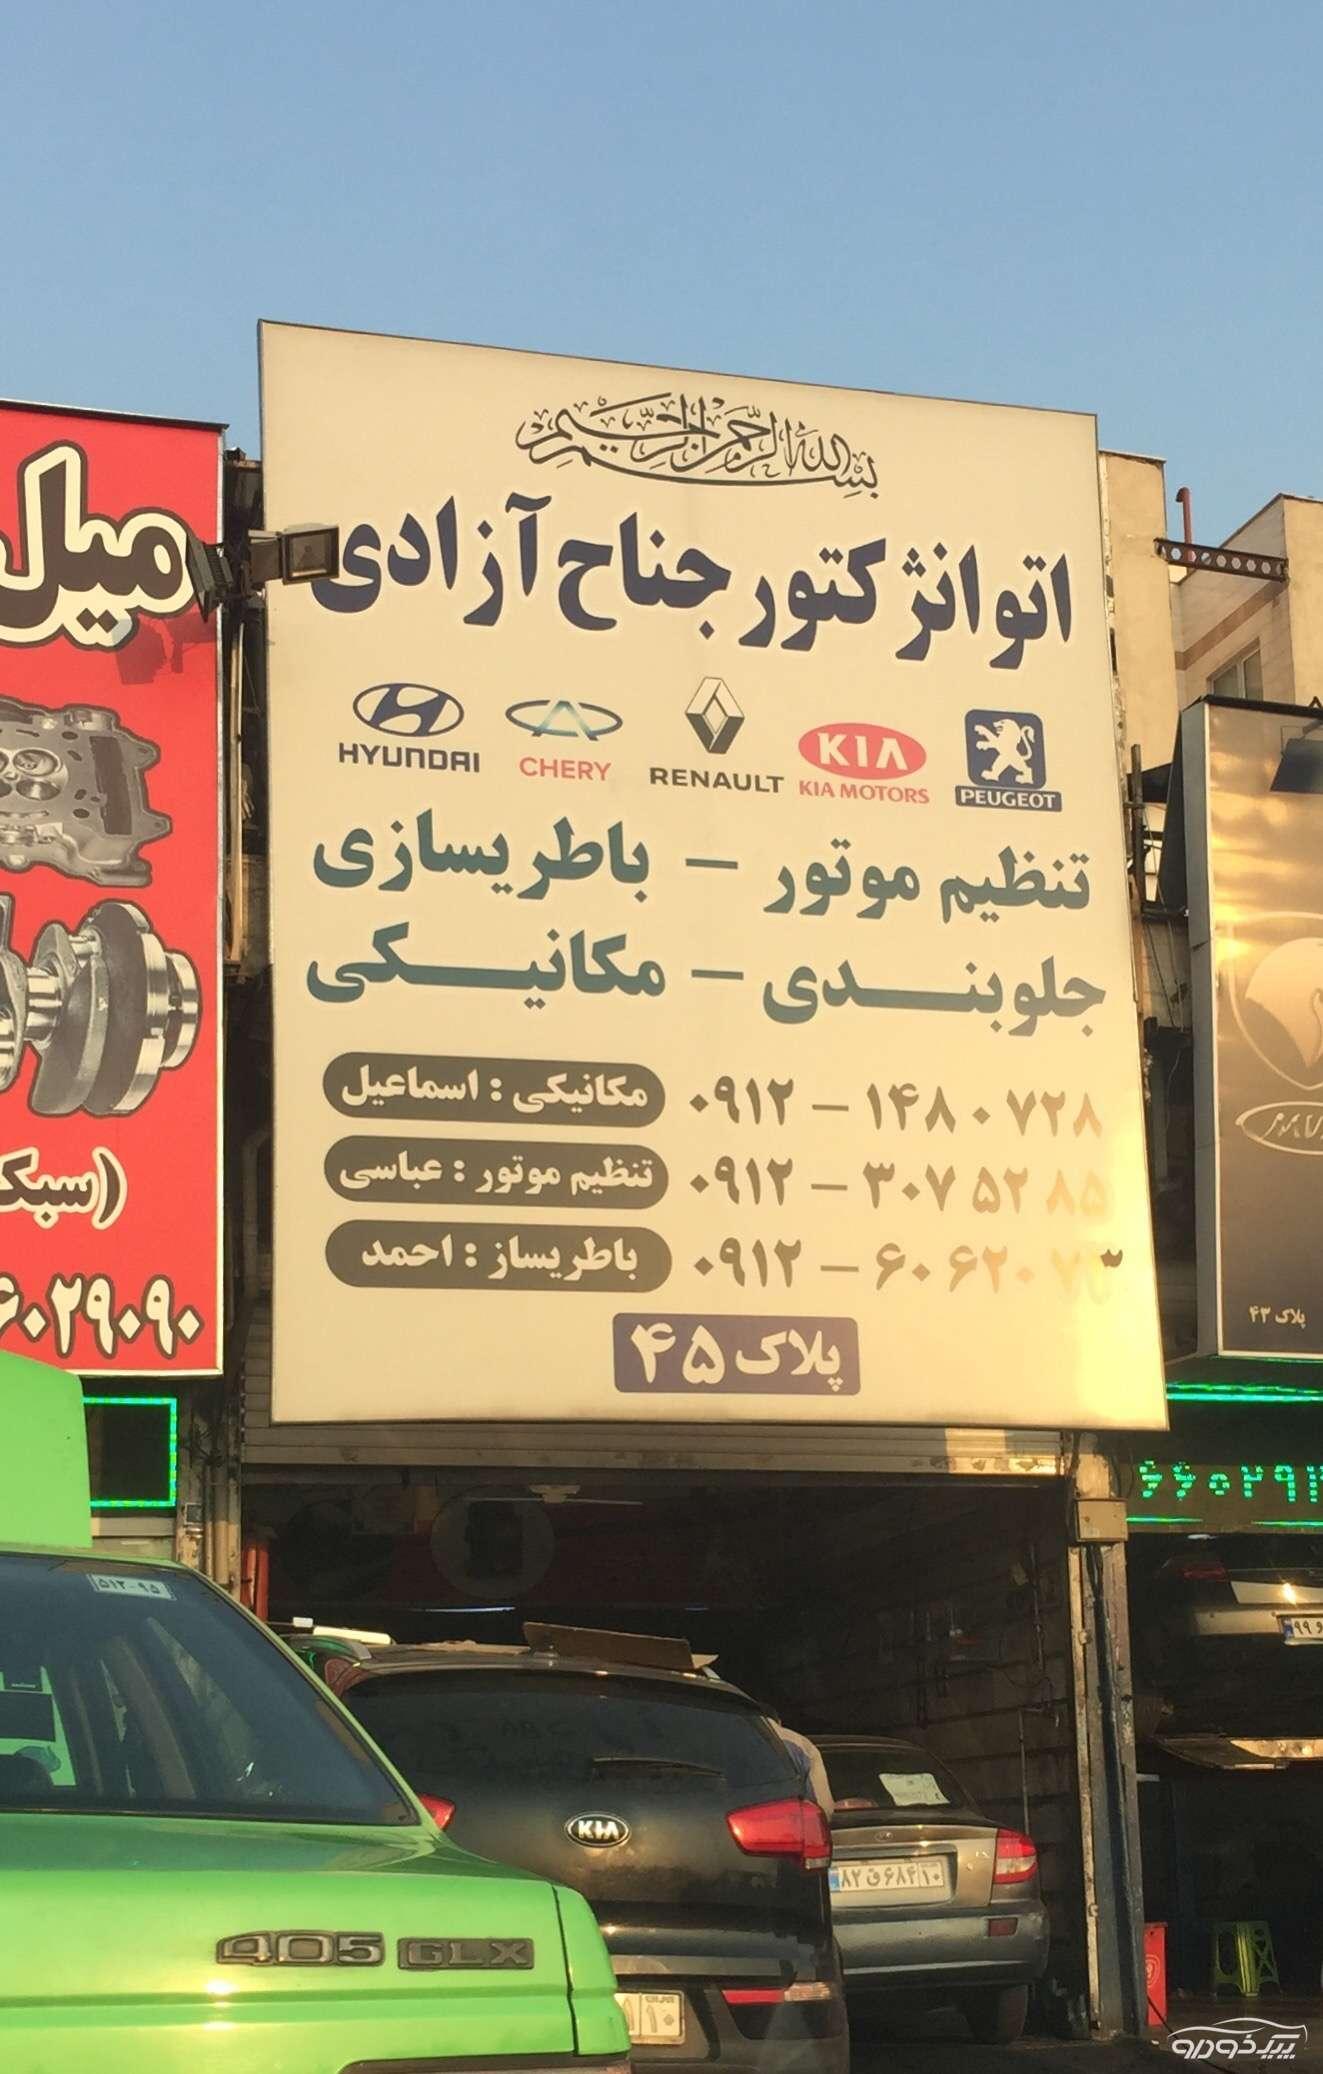 اتو انژکتور جناح آزادی